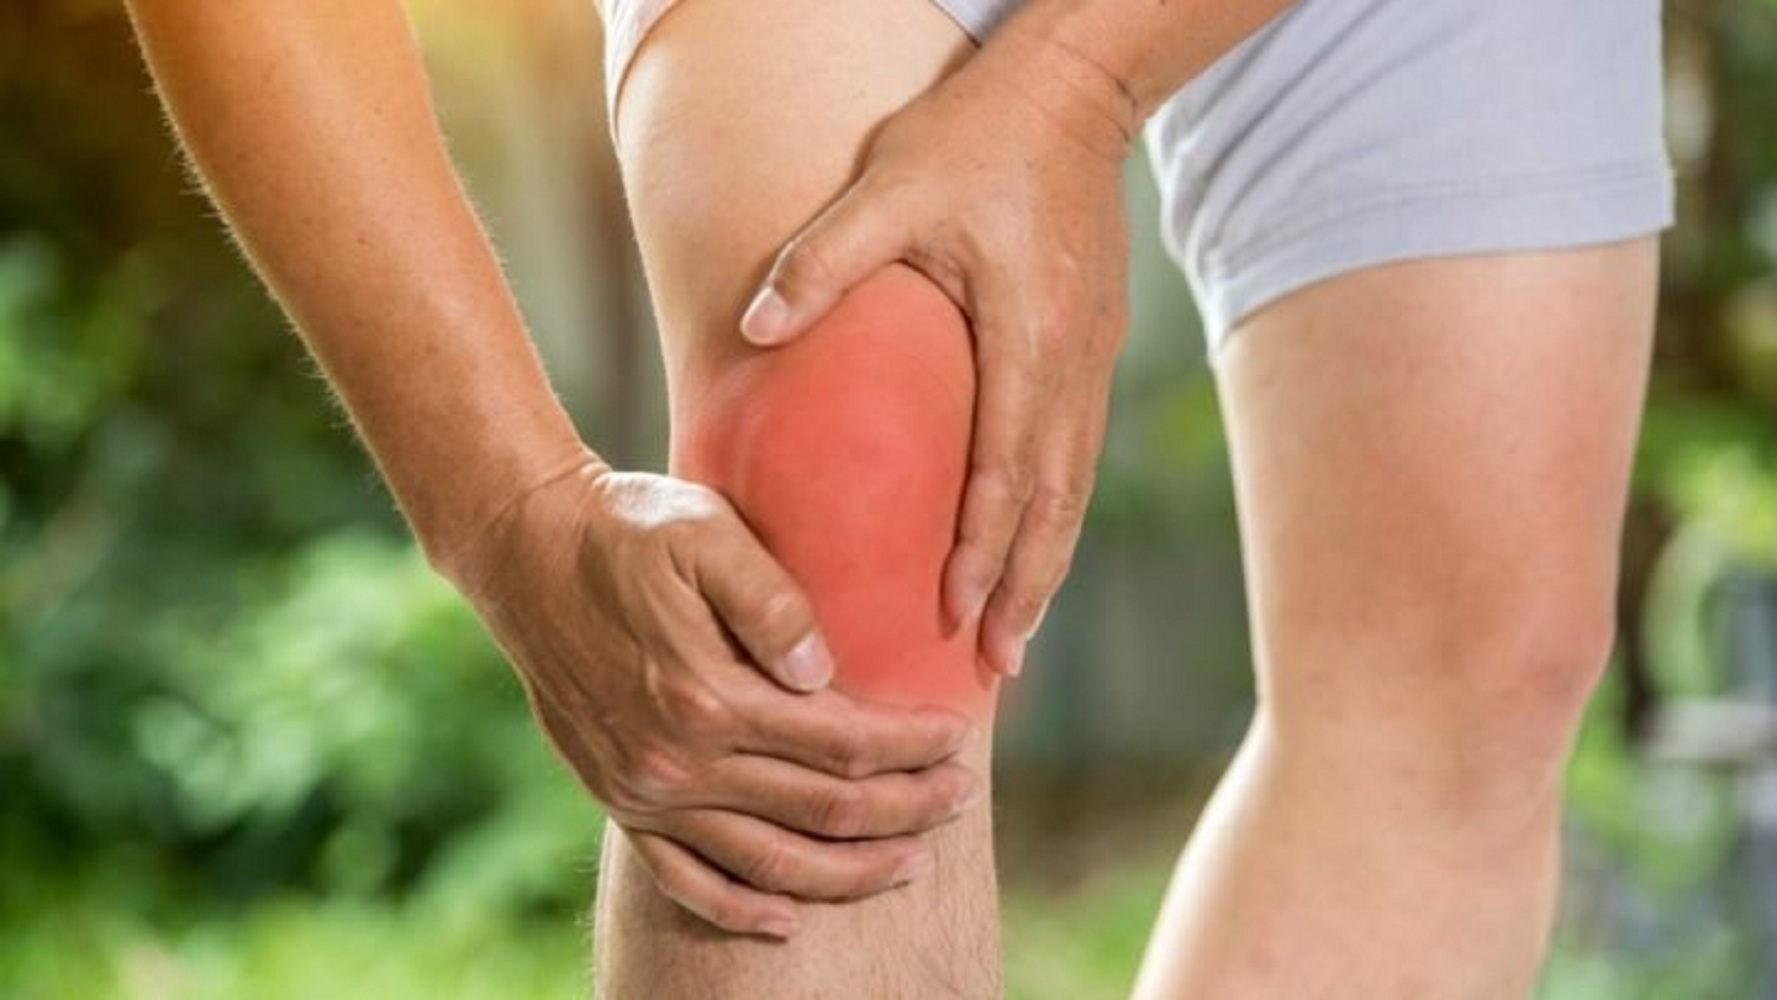 noutăți în tratamentul artrozei genunchiului crema cu condroitina si glucozamina Pret